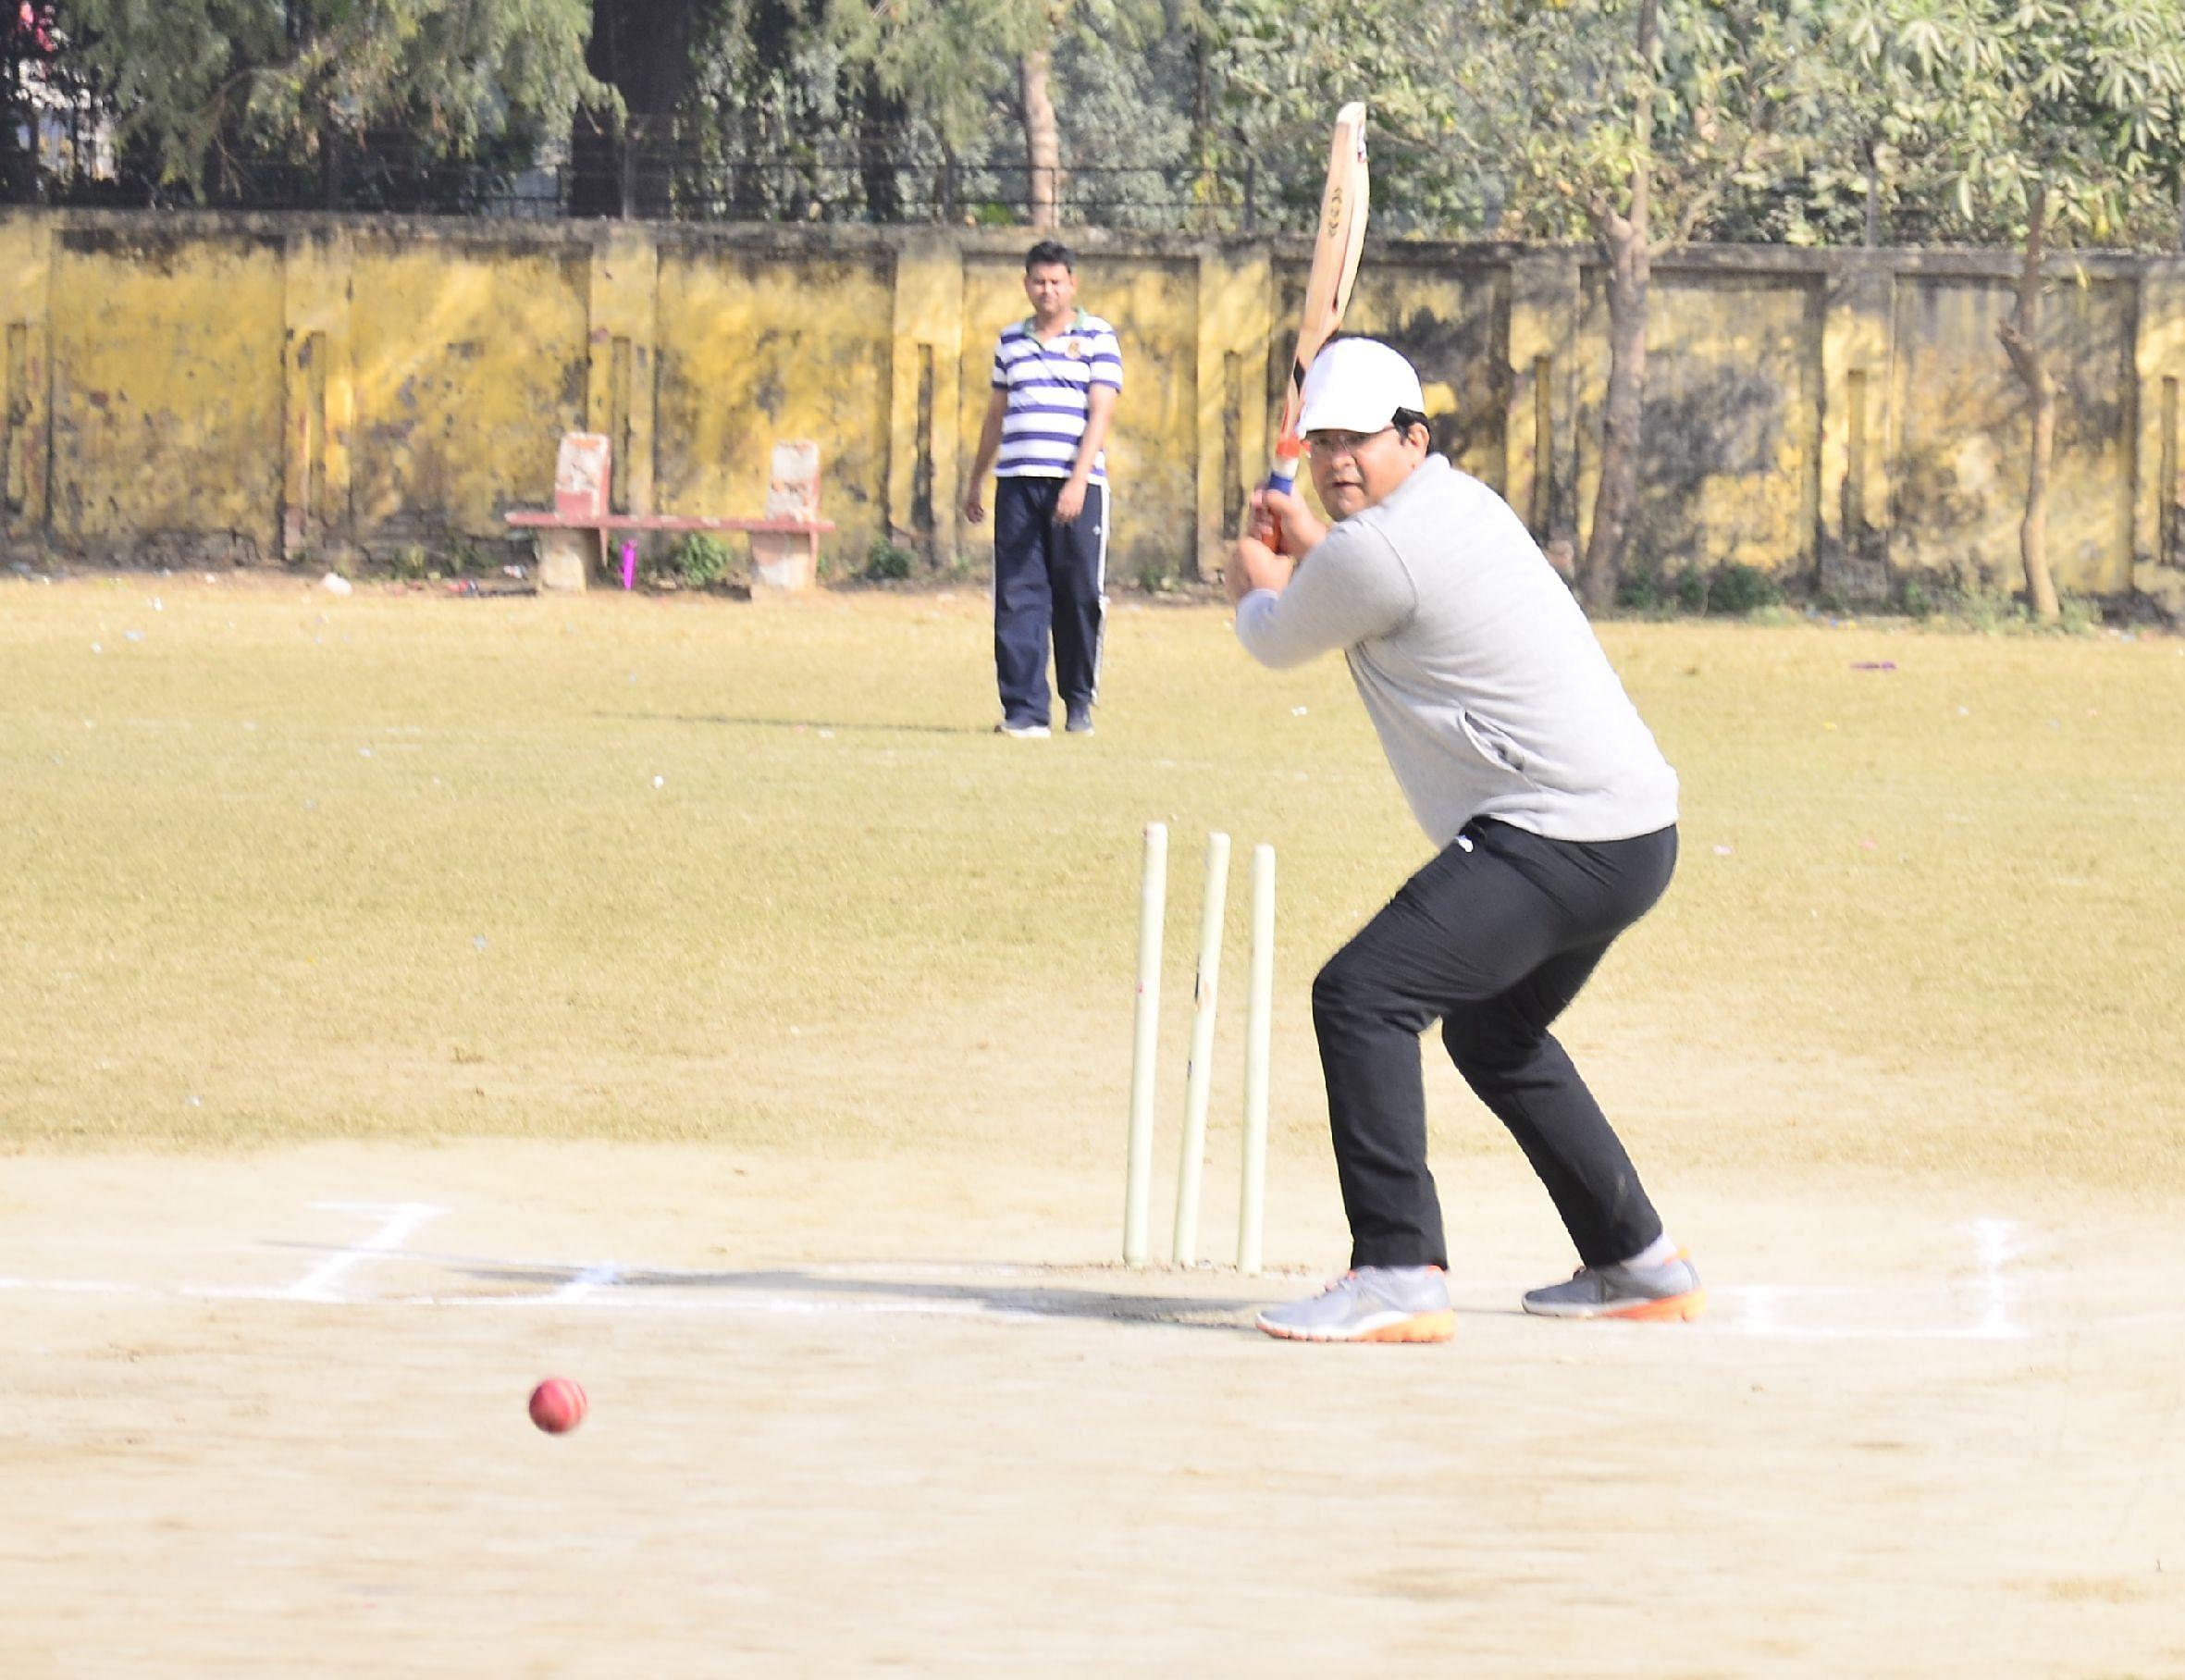 बहराइच के इंदिरा गांधी स्टेडियम में रविवार को आयोजित डीएम 11 व एसपी 11 के बीच क्रिकेट मैच में बैटिंग